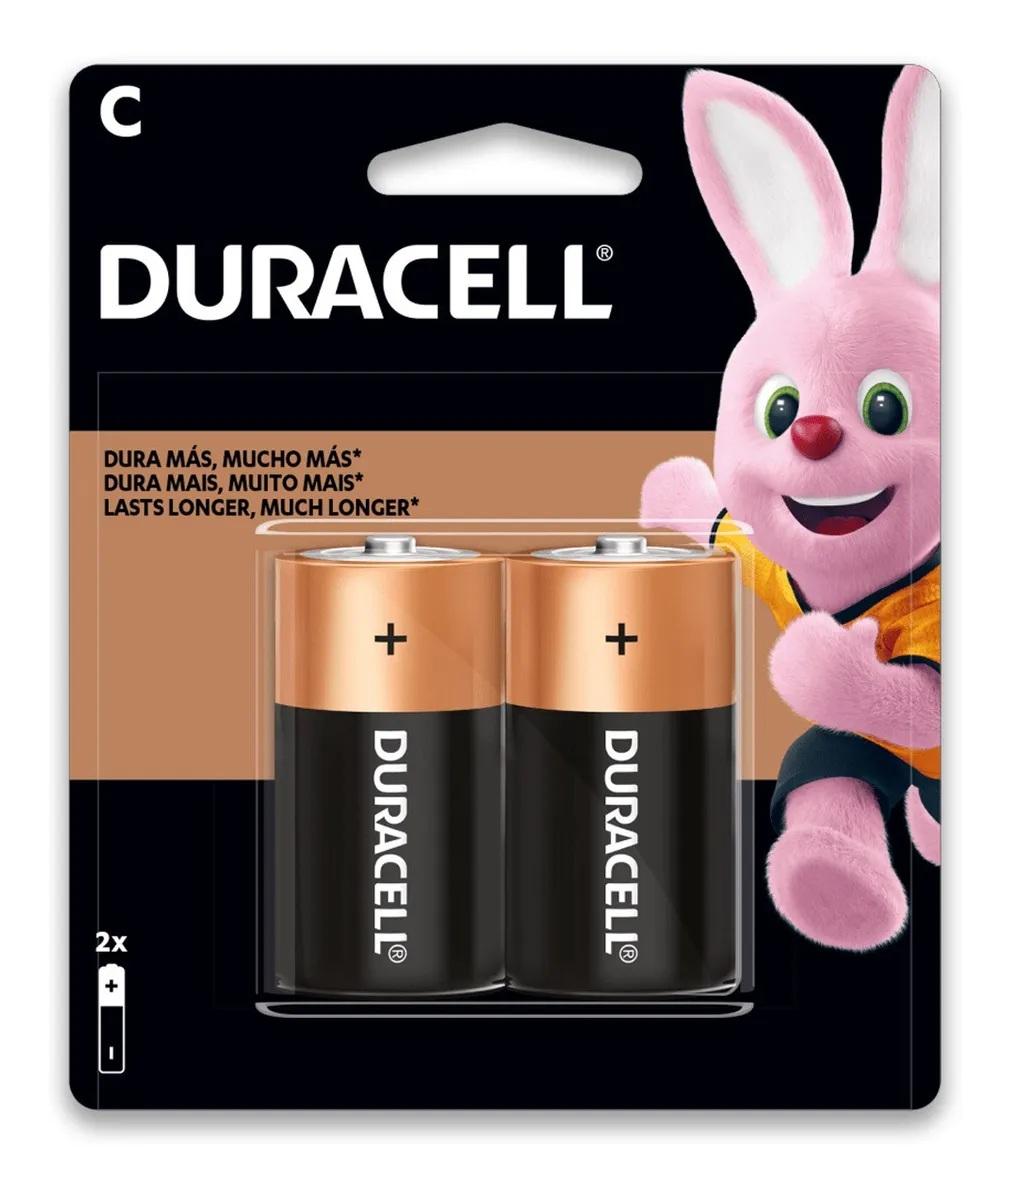 12 Pilhas Média Duracell C Alcalina 6 Cartelas C/2 Unidades